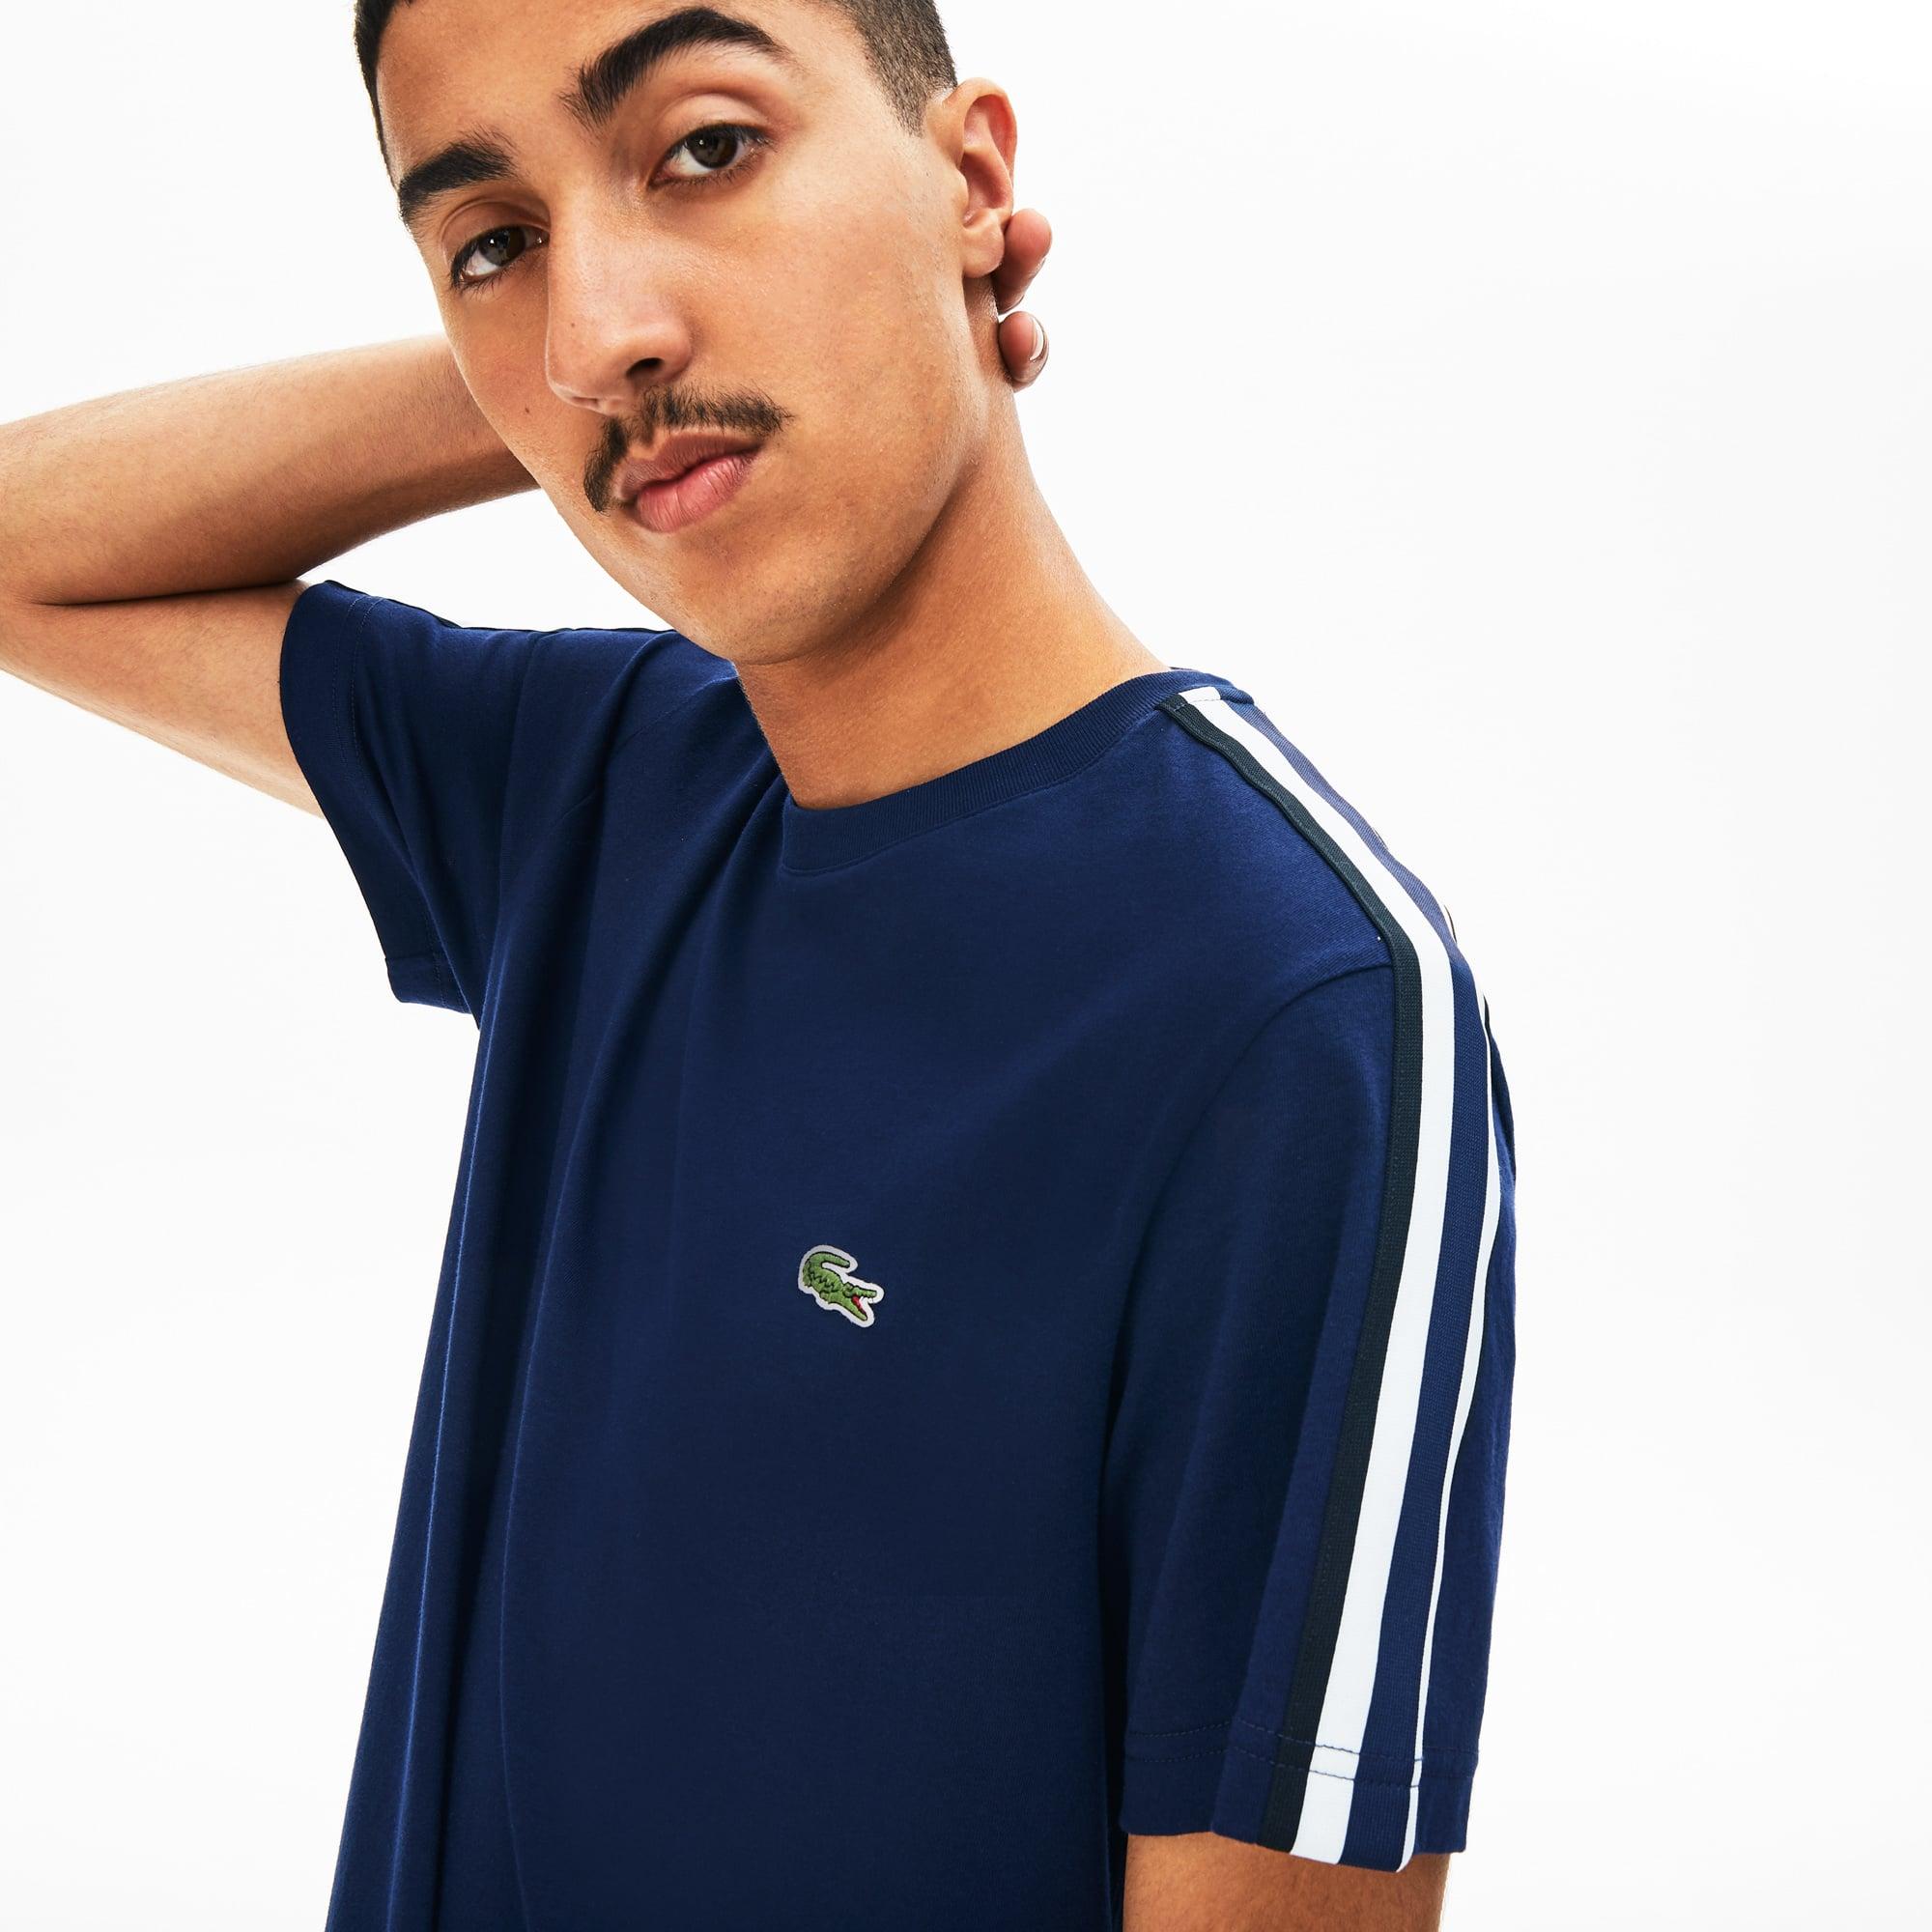 Lacoste Tops Men's Stripe Sleeved Jersey T-Shirt